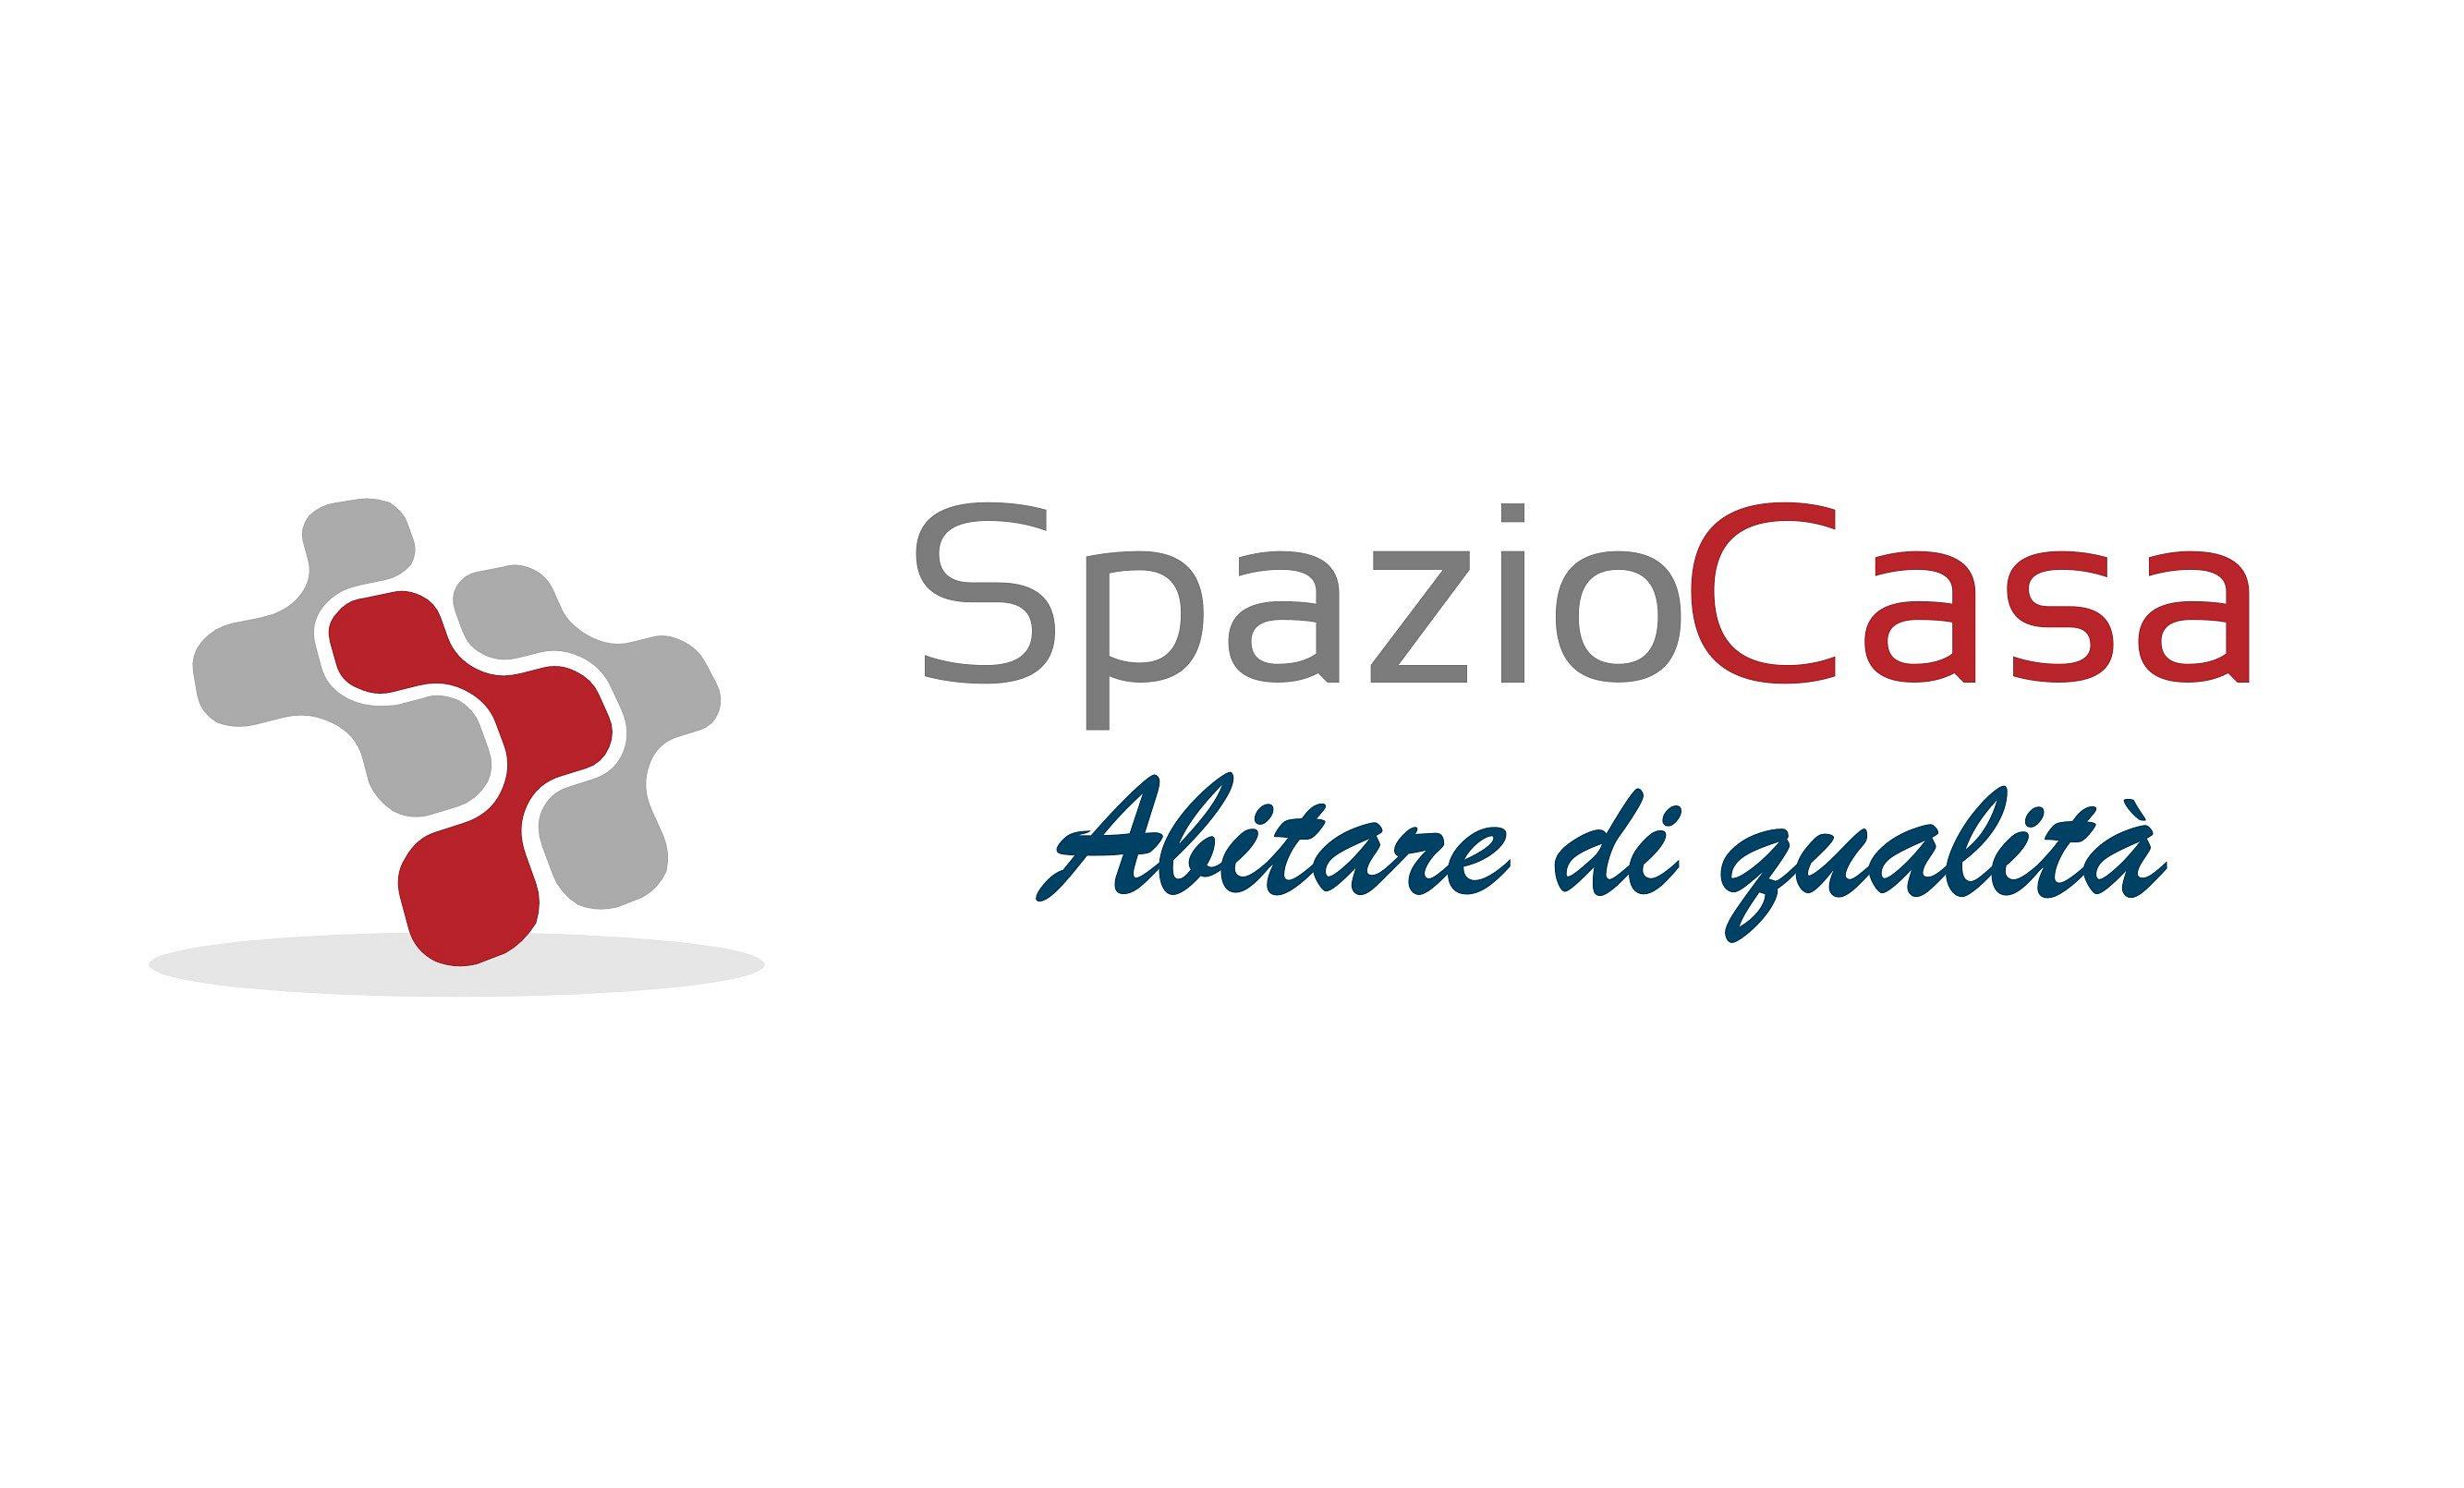 SpazioCasa